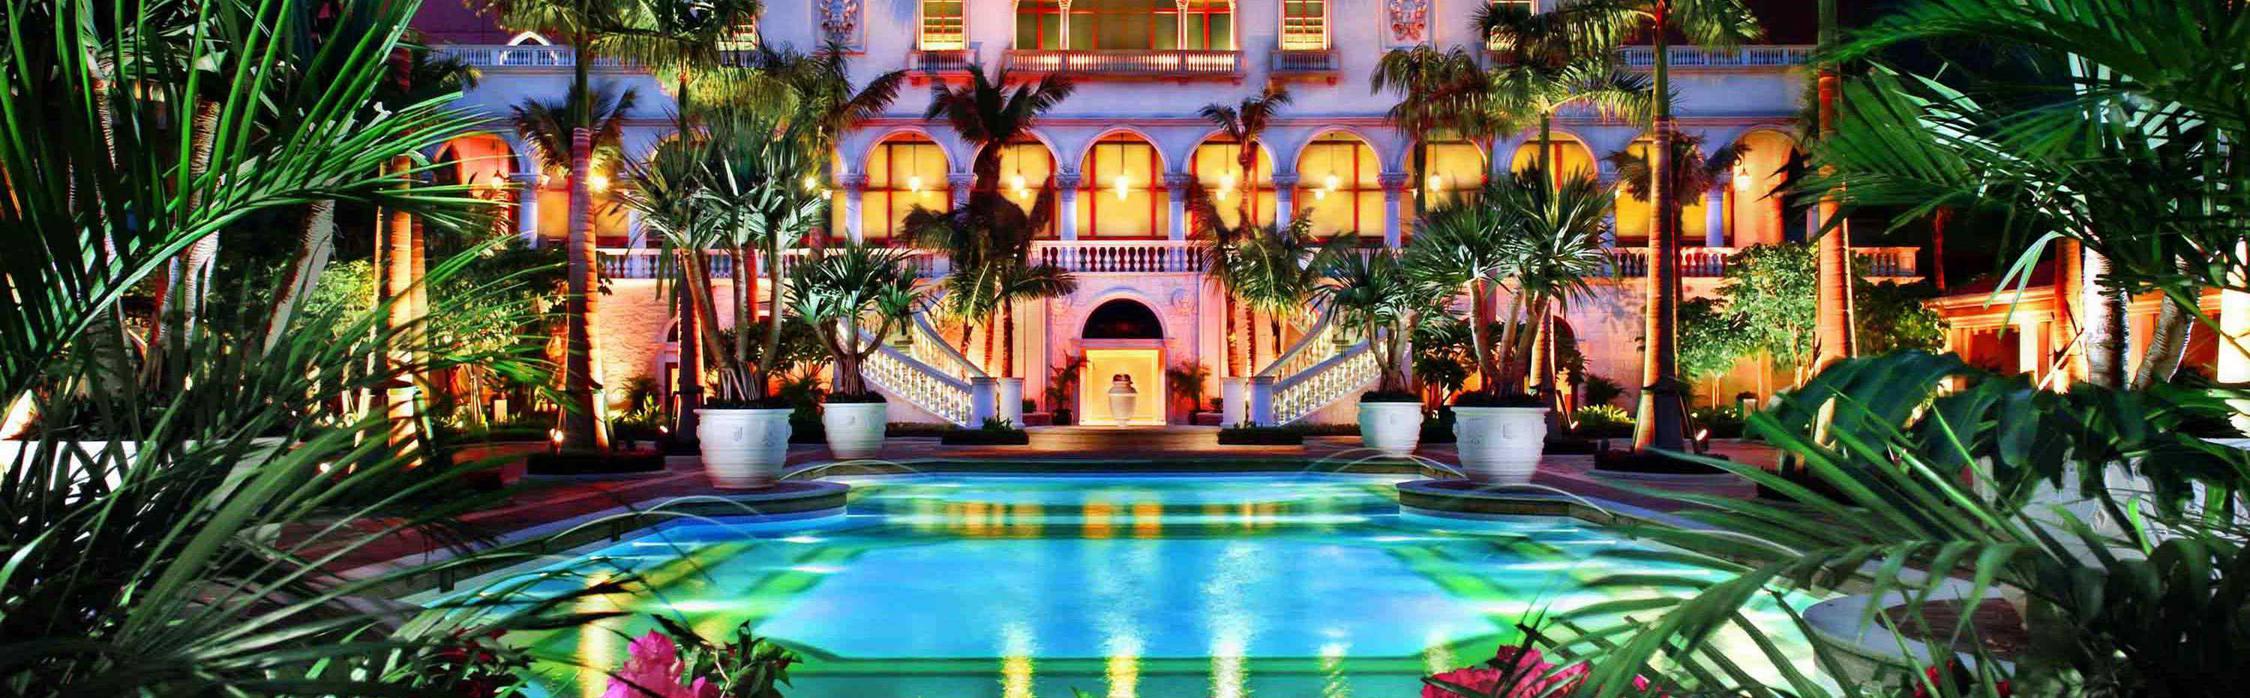 Miami Sightseeing Venetian Pool Miami Tours Miami Discount Tours